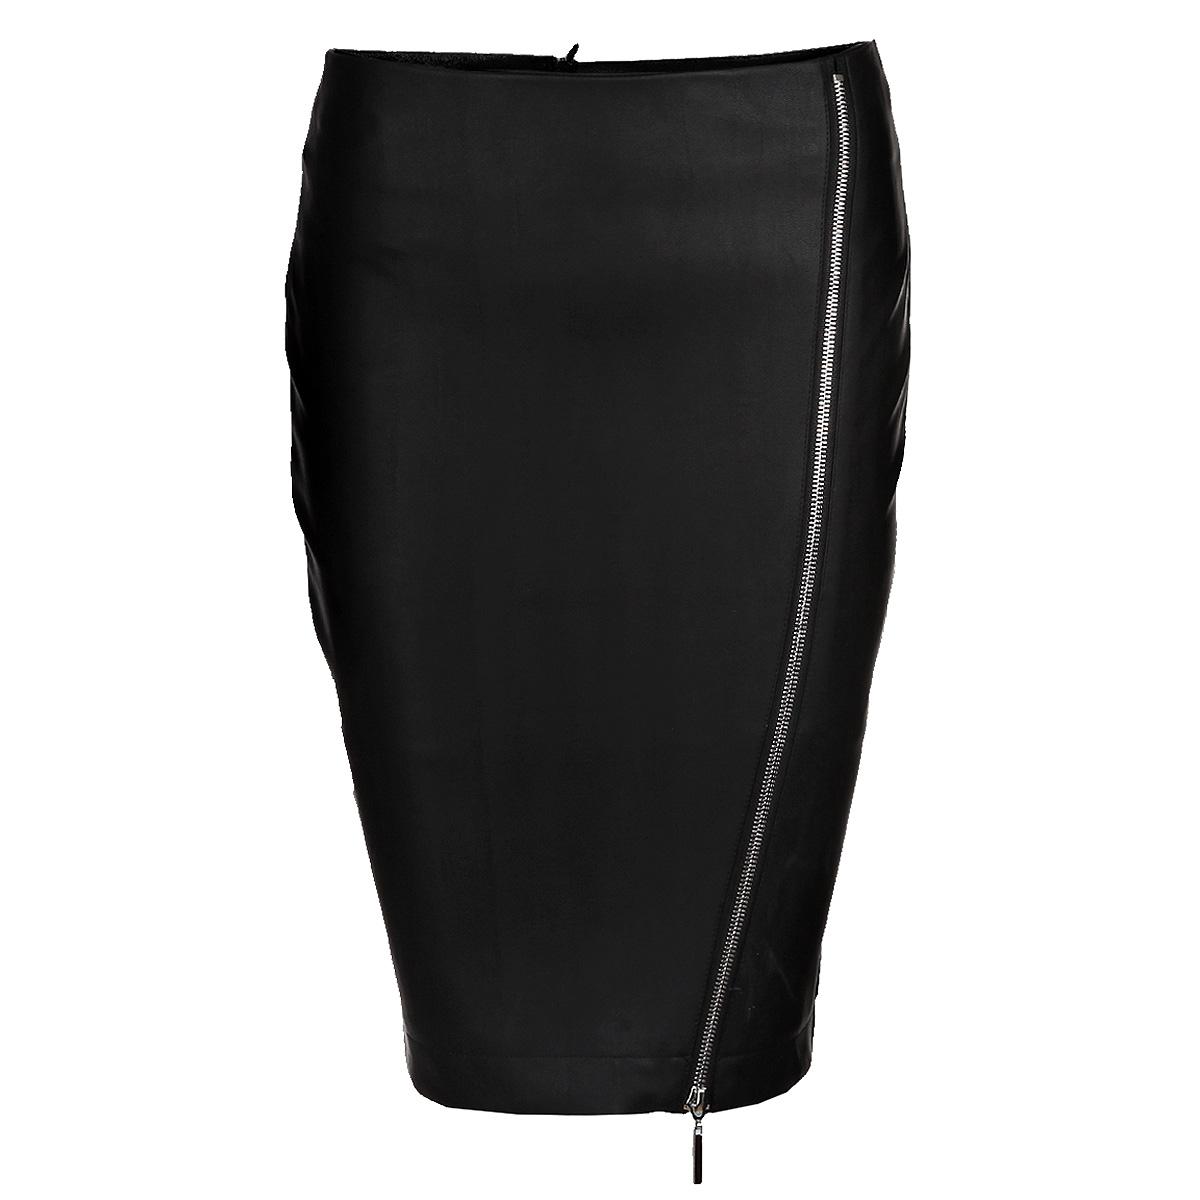 ЮбкаSSD0784CAСтильная юбка Top Secret изготовлена из плотного материала, имитирующего кожу. Юбка-карандаш длины миди подчеркнет все достоинства вашей фигуры. Модель оформлена ассиметричной металлической молнией. Сзади юбка застегивается на потайную молнию. Эта модная юбка - отличный вариант на каждый день.